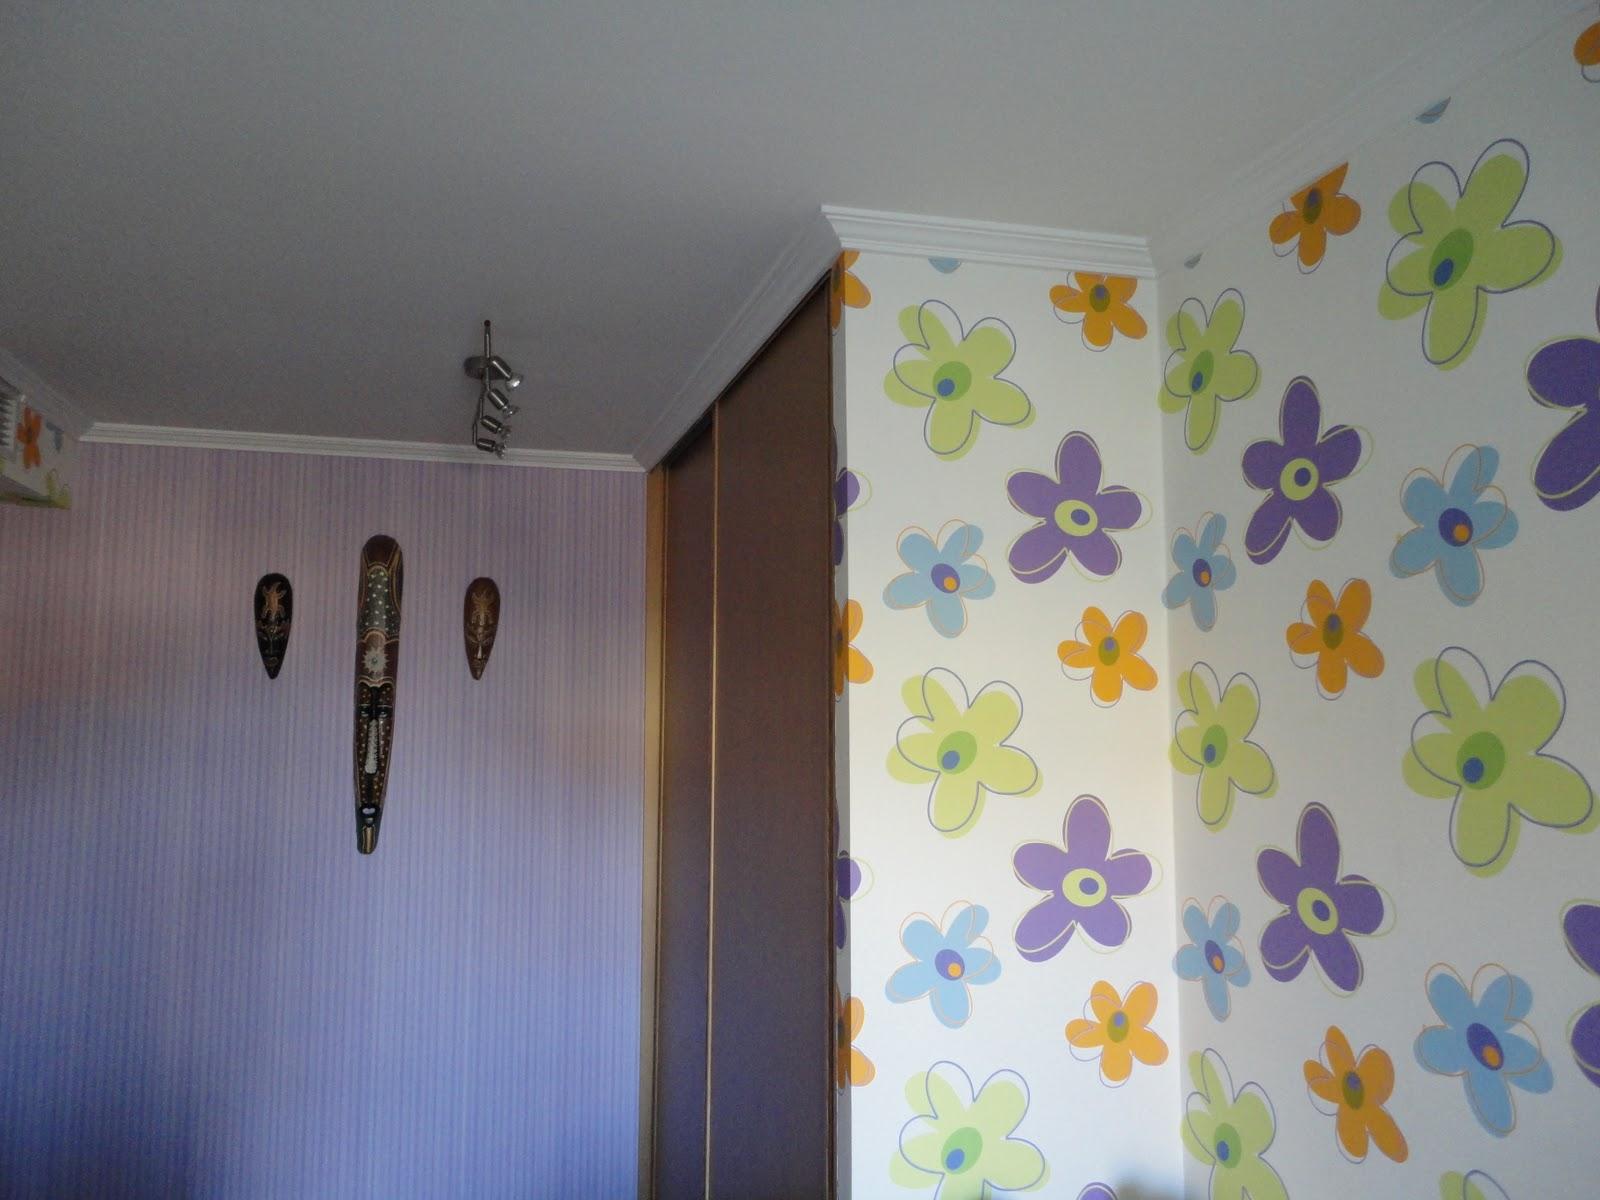 Empapelar una habitaci n pagina pruebas pintura - Papel para cubrir paredes ...